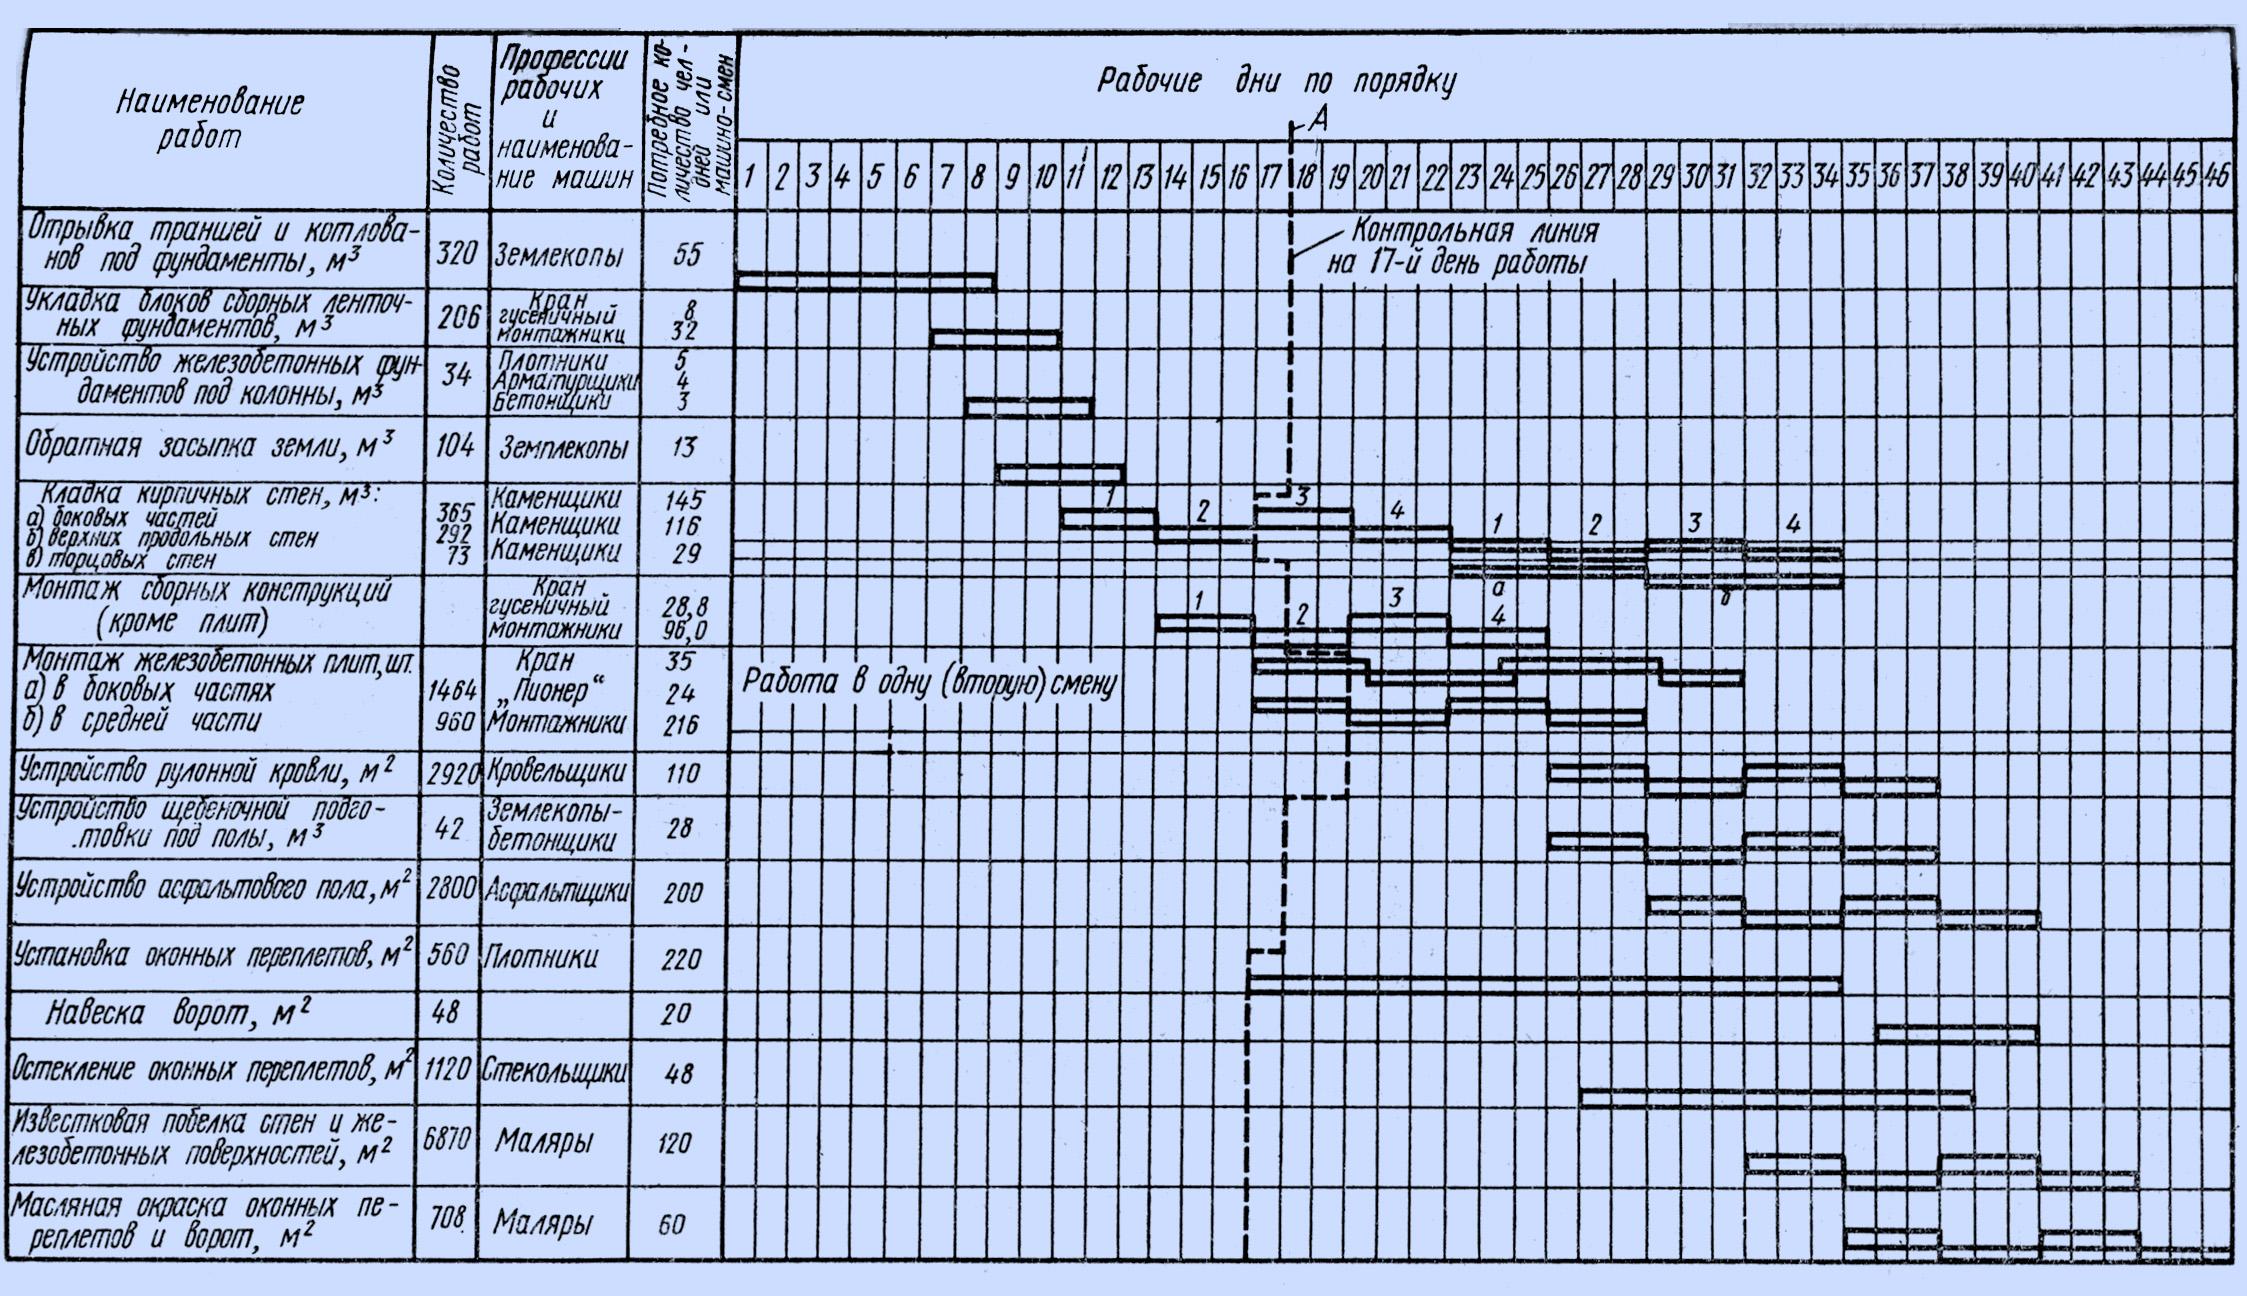 Организация планирование и управление строительным производством